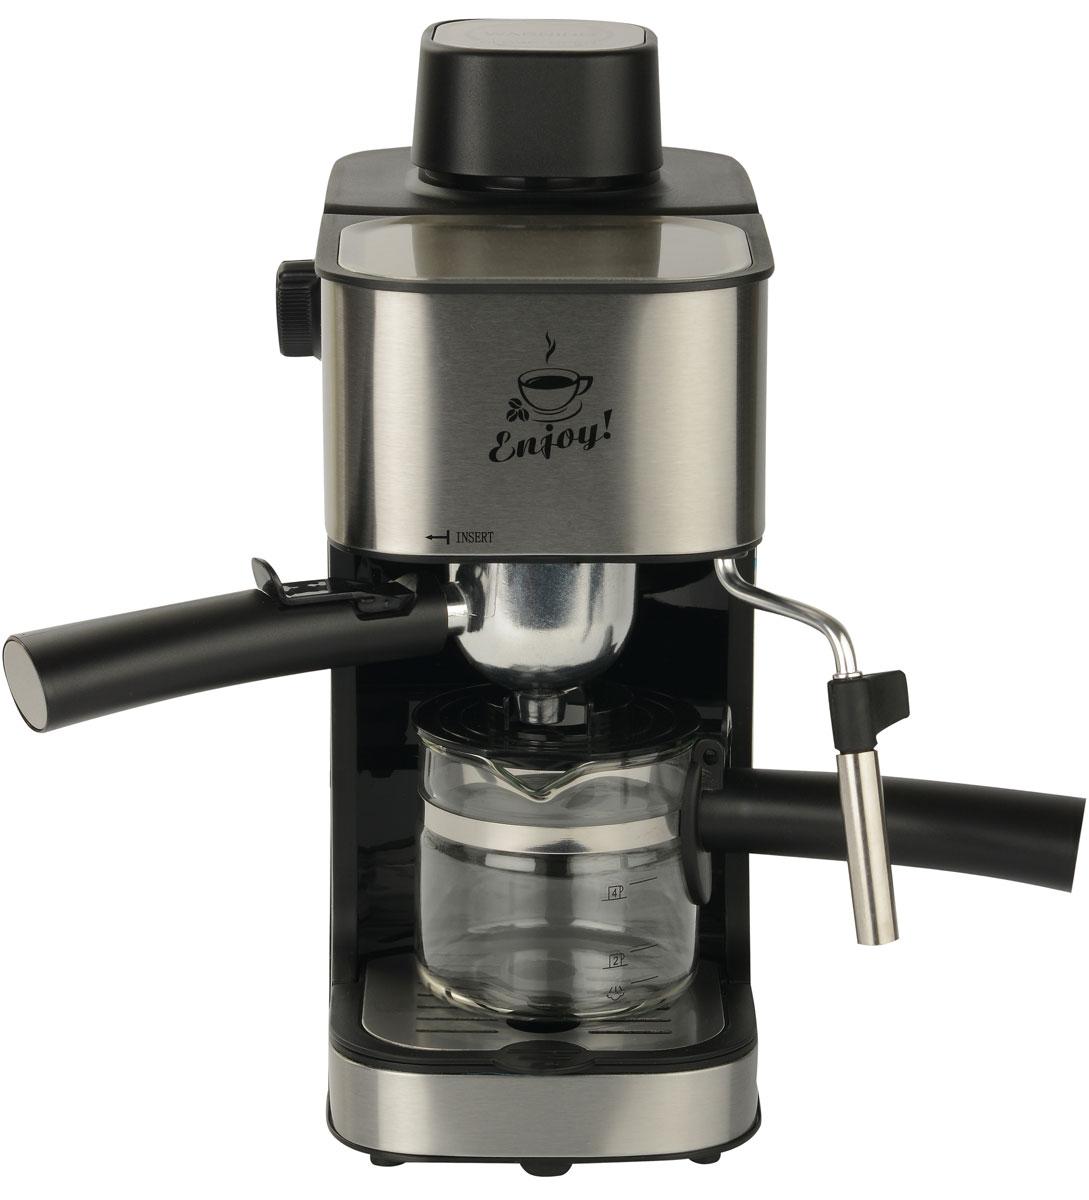 First FA-5475-2, Silver кофеваркаFA-5475-2 SteelFirst FA-5475-2 - превосходная рожковая кофеварка для приготовления ароматного эспрессо на каждый день. Данная модель оборудована насосной системой давления на 4 бар. Прибор оснащен съемным лотком для сбора капель и предохранительным клапаном для обеспечения комфортного использования. Также имеется светодиодный индикатор питания. Емкость кофеварки рассчитана на 4 чашки.